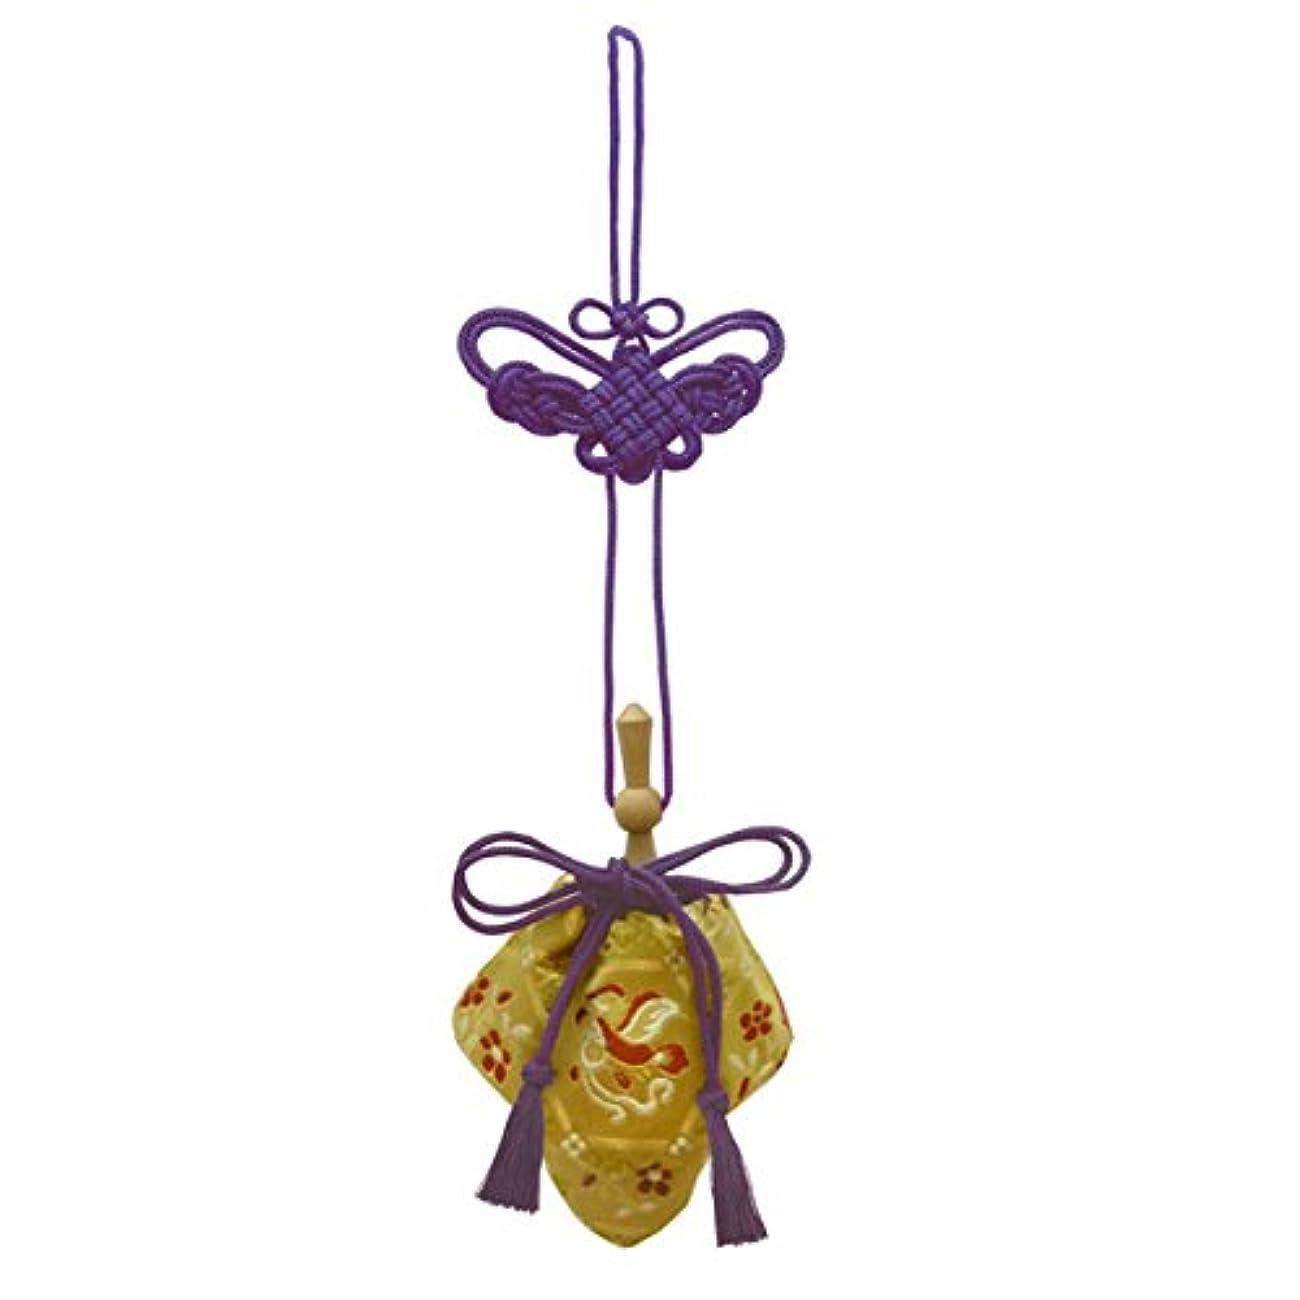 興味タール食欲訶梨勒 極品 桐箱入 鳳凰 (紫紐)